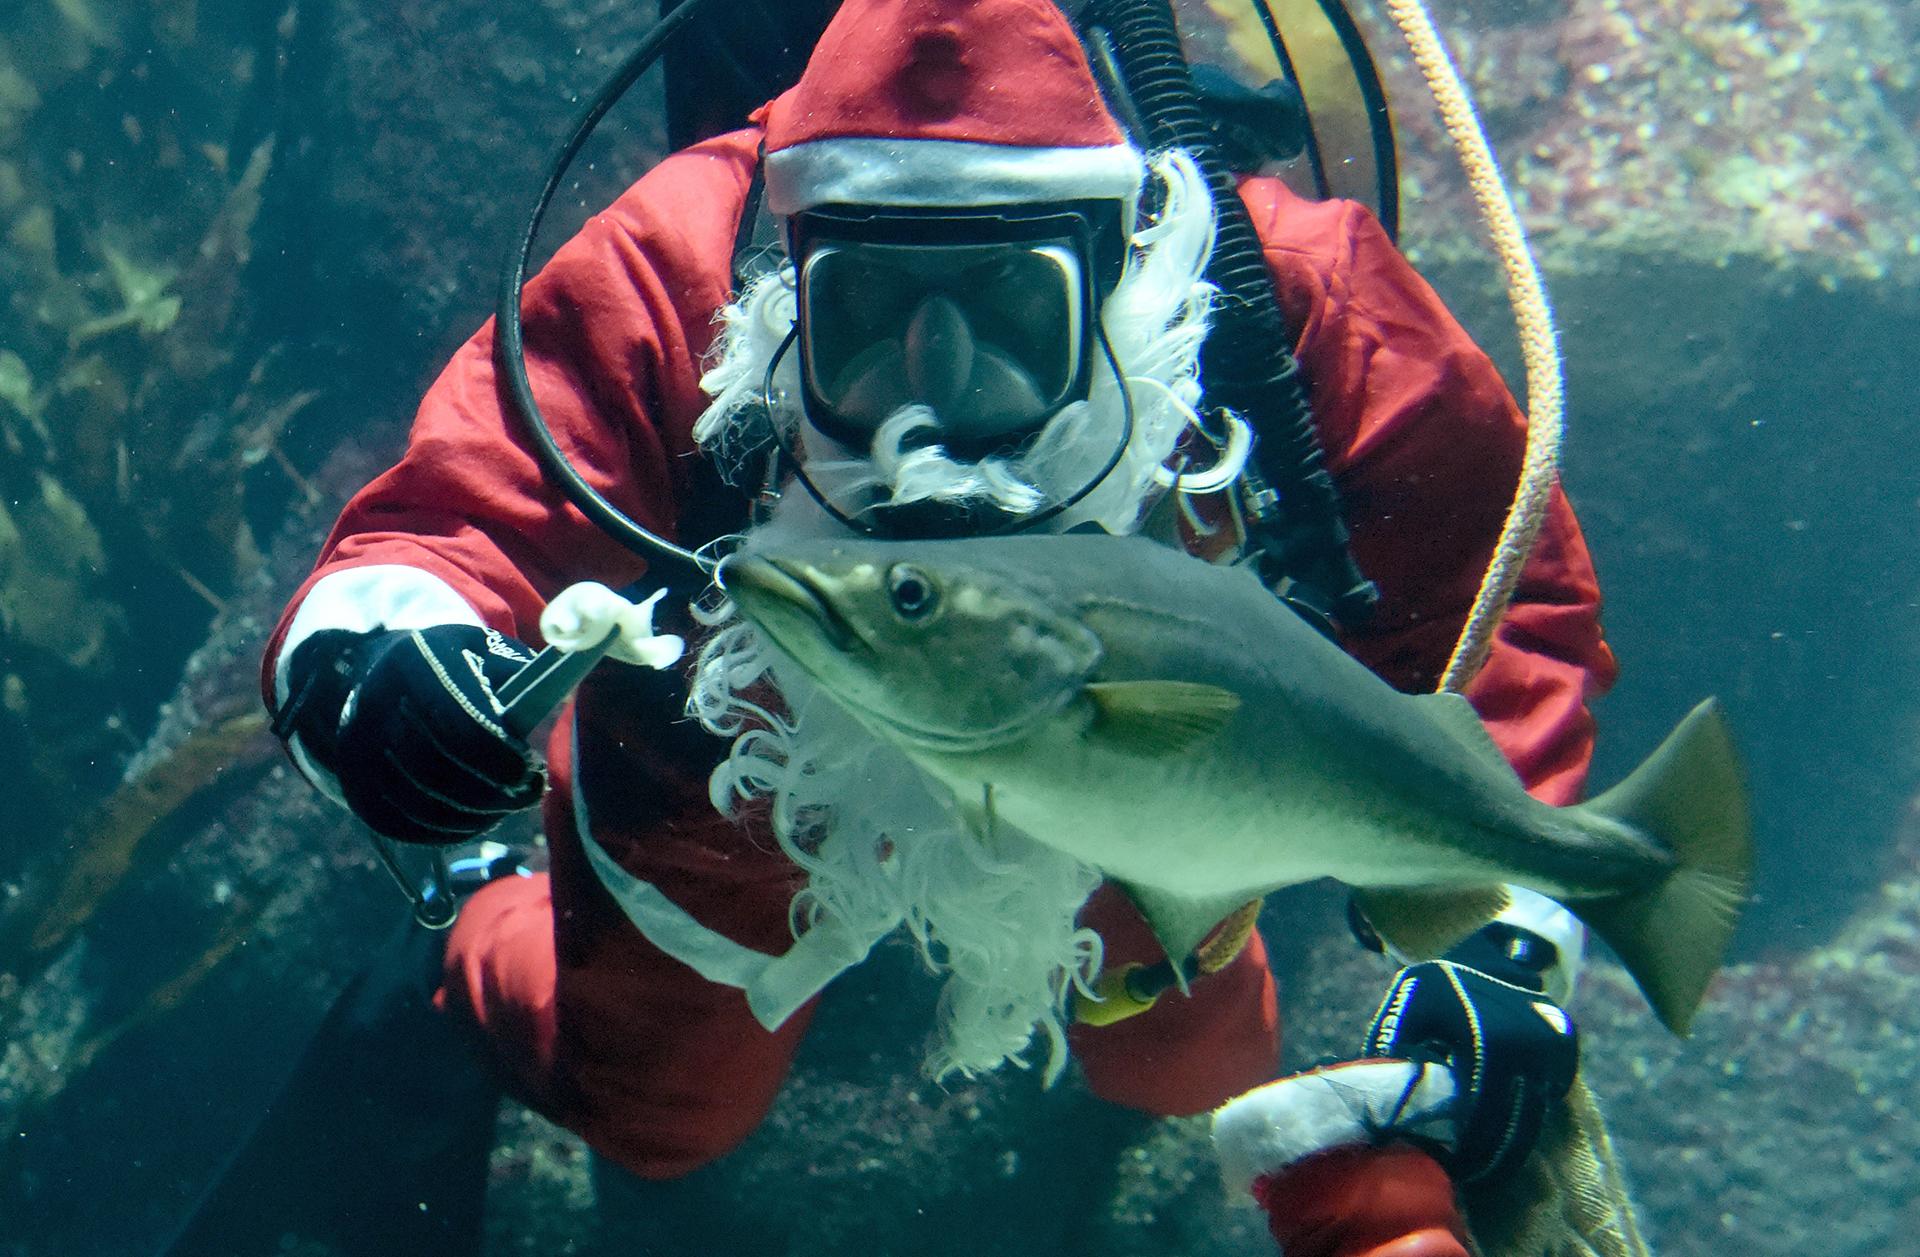 Un buzo en un traje de Papá Noel alimenta un pez en el acuario de Wattforum del Multimar en Toenning, Alemania